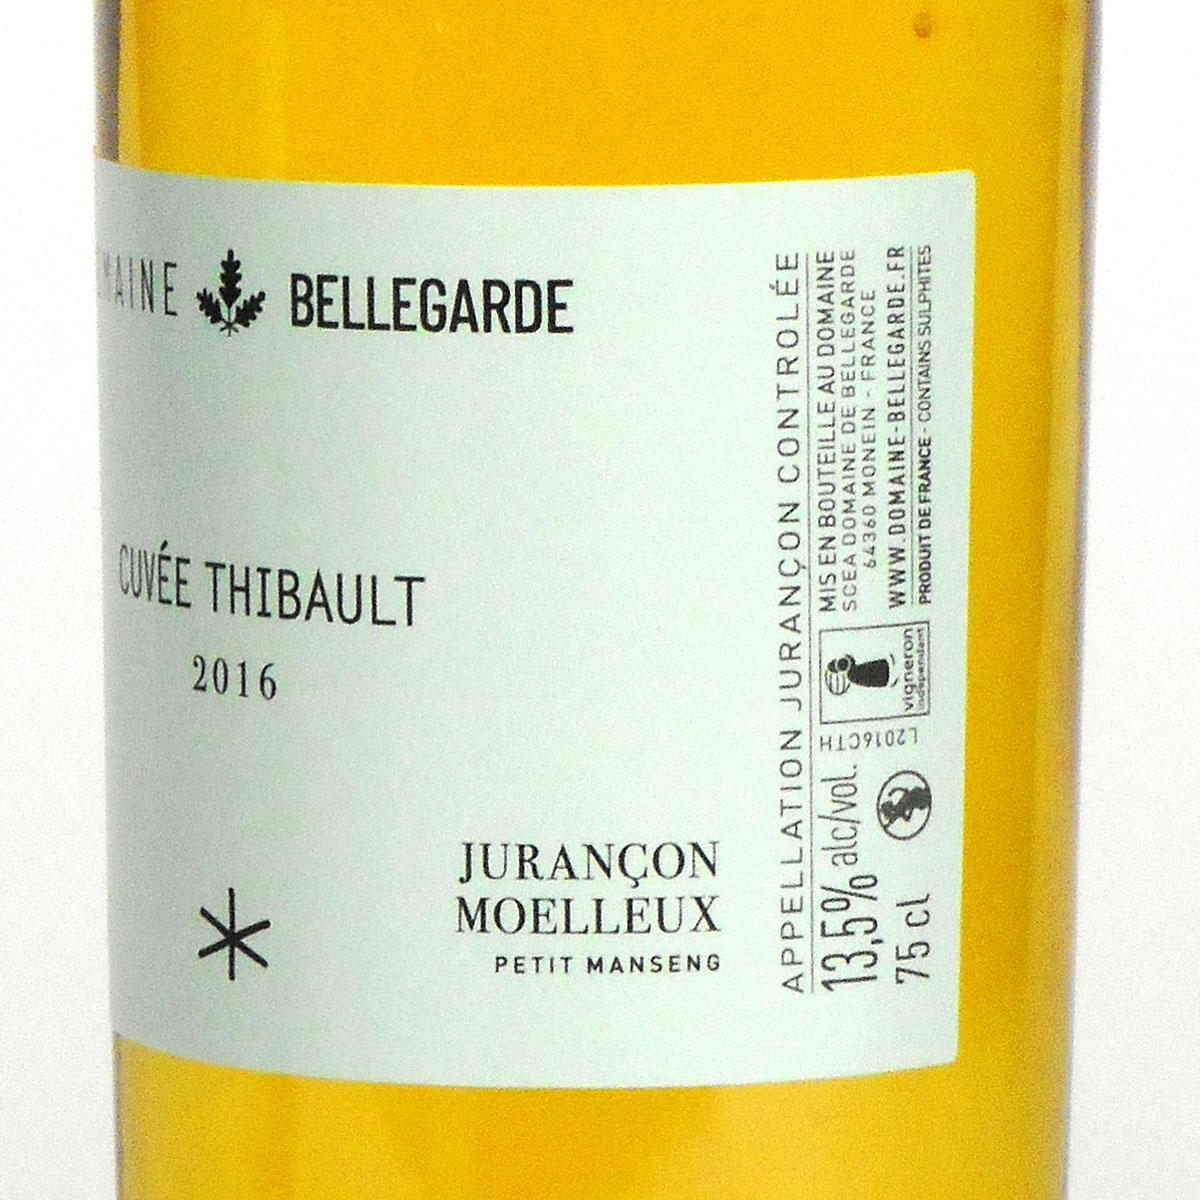 Jurançon Moelleux: Domaine Bellegarde 'Cuveé Thibault' 2016 - Wine Bottle Side